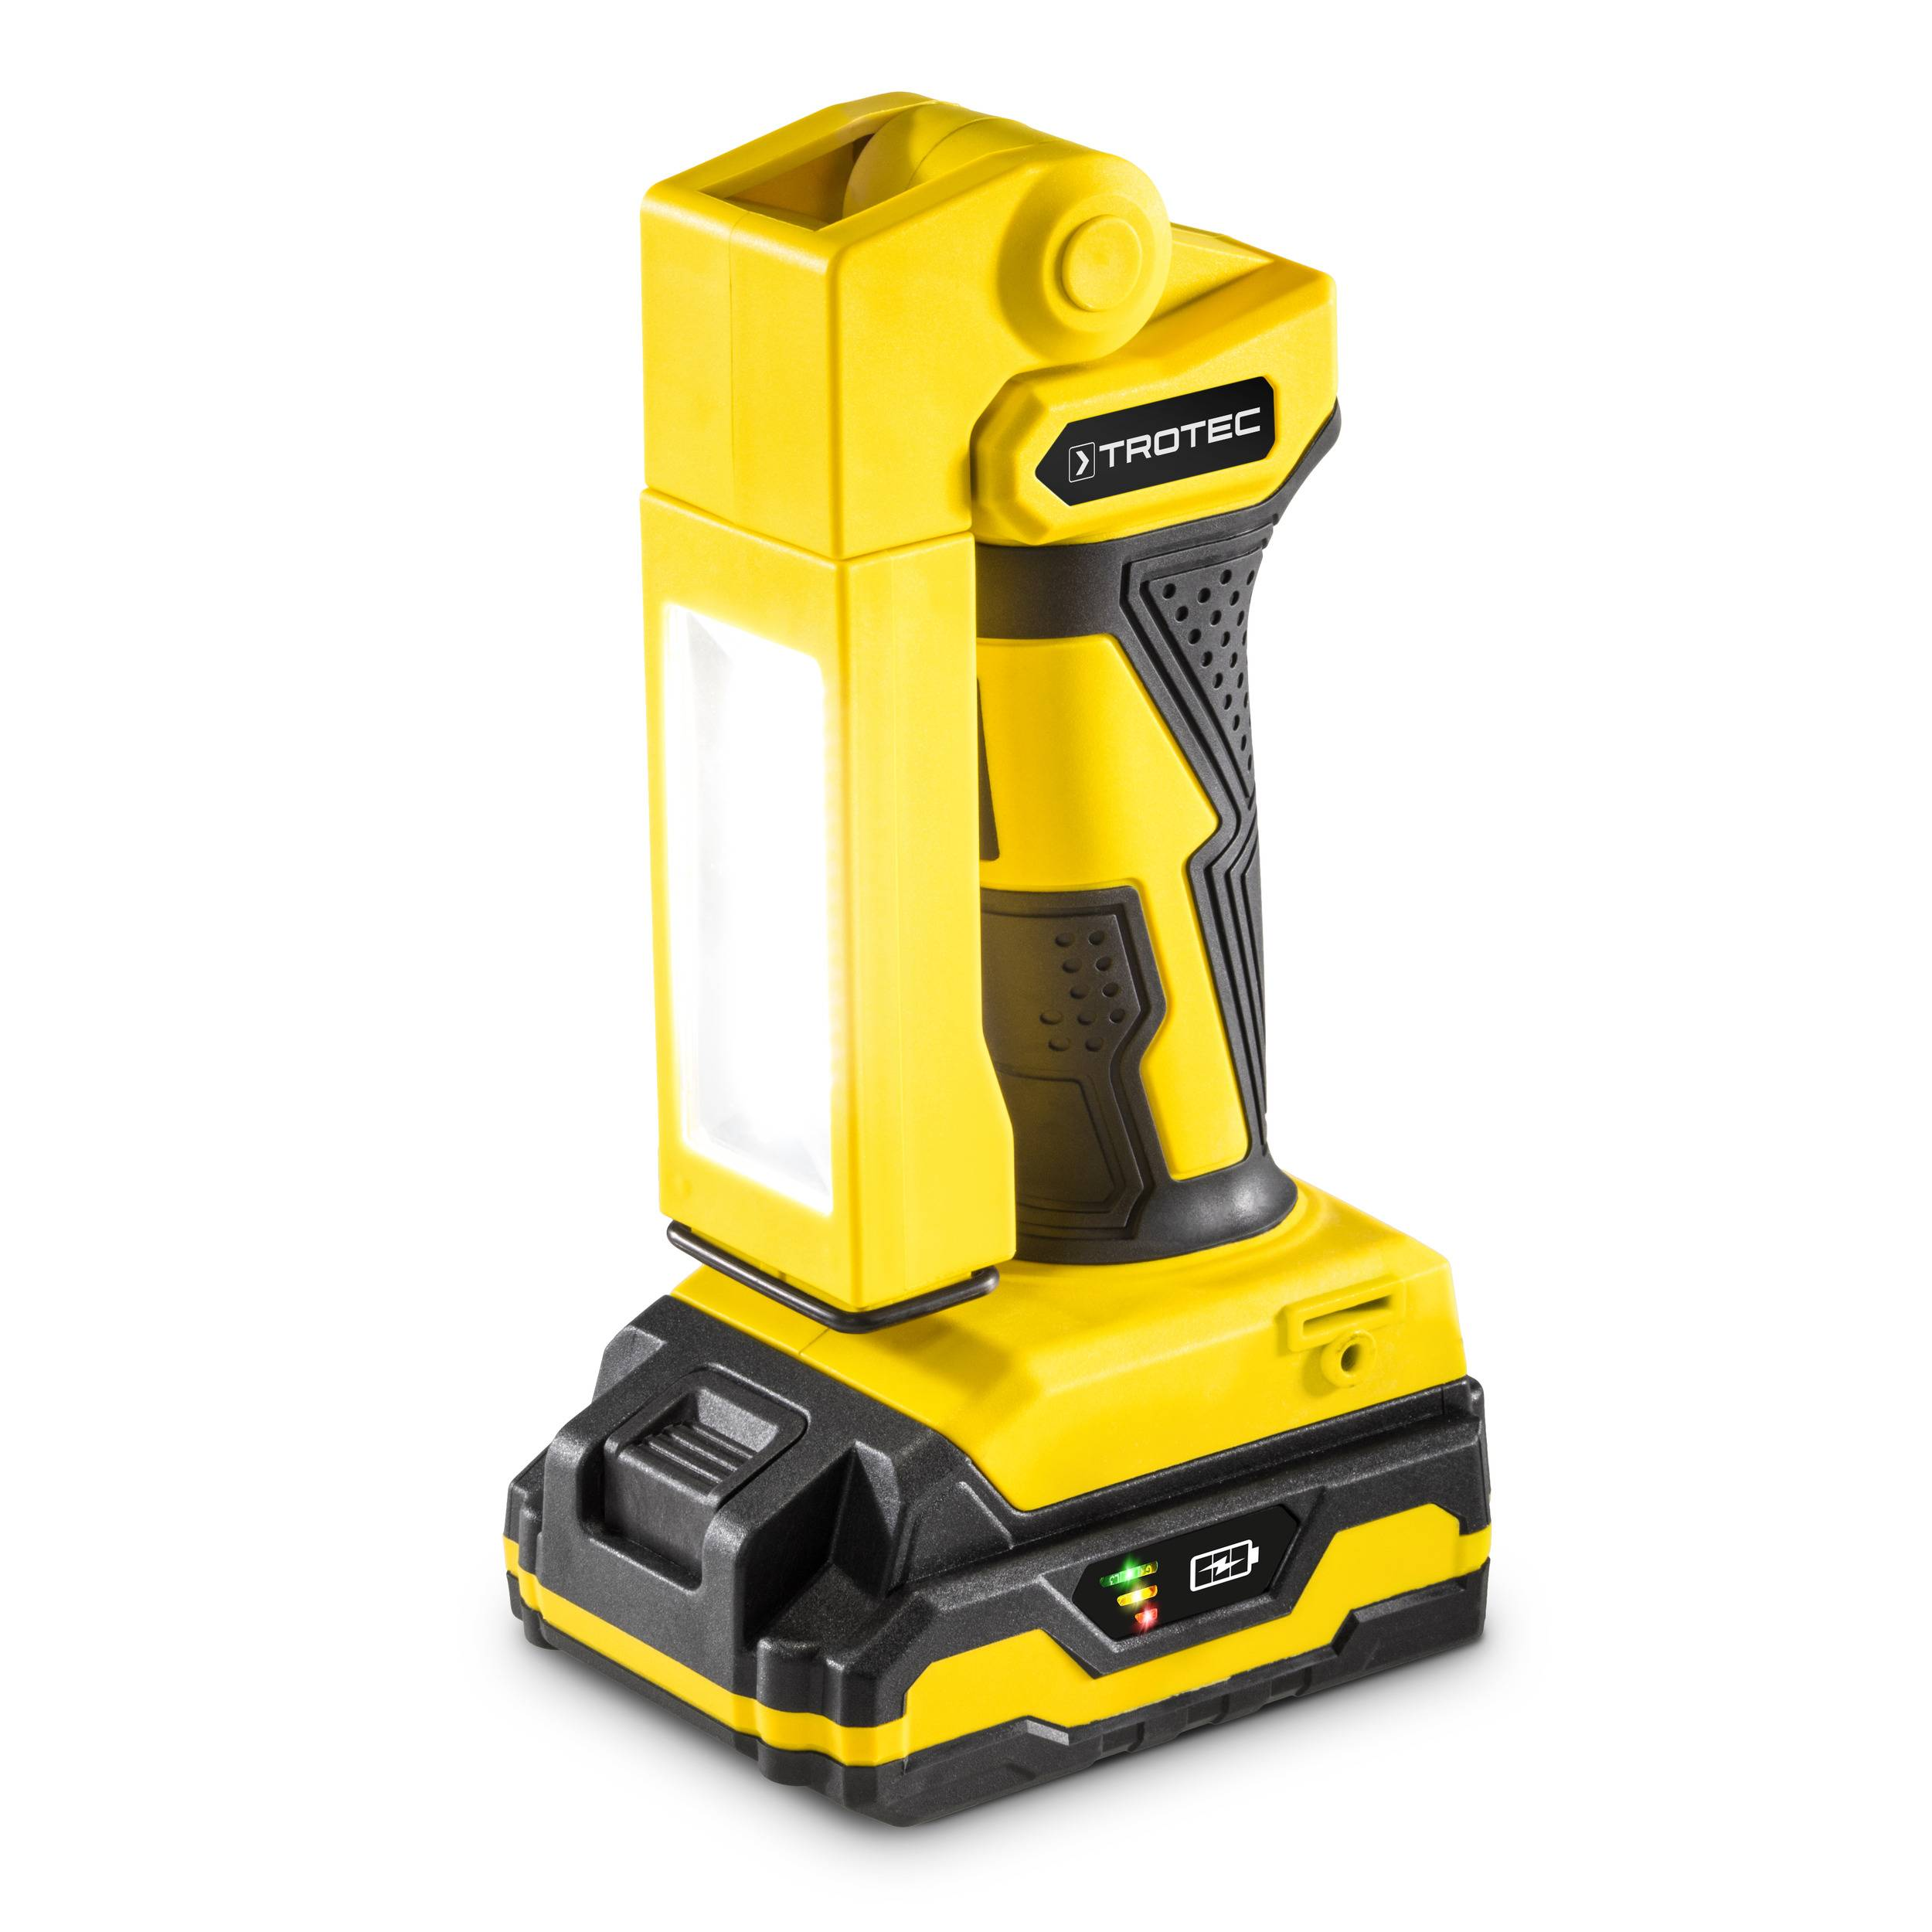 trotec luce da lavoro a batteria pwls 10-20v + cesoie per erba e arbusti a batteria pgss 10-20v